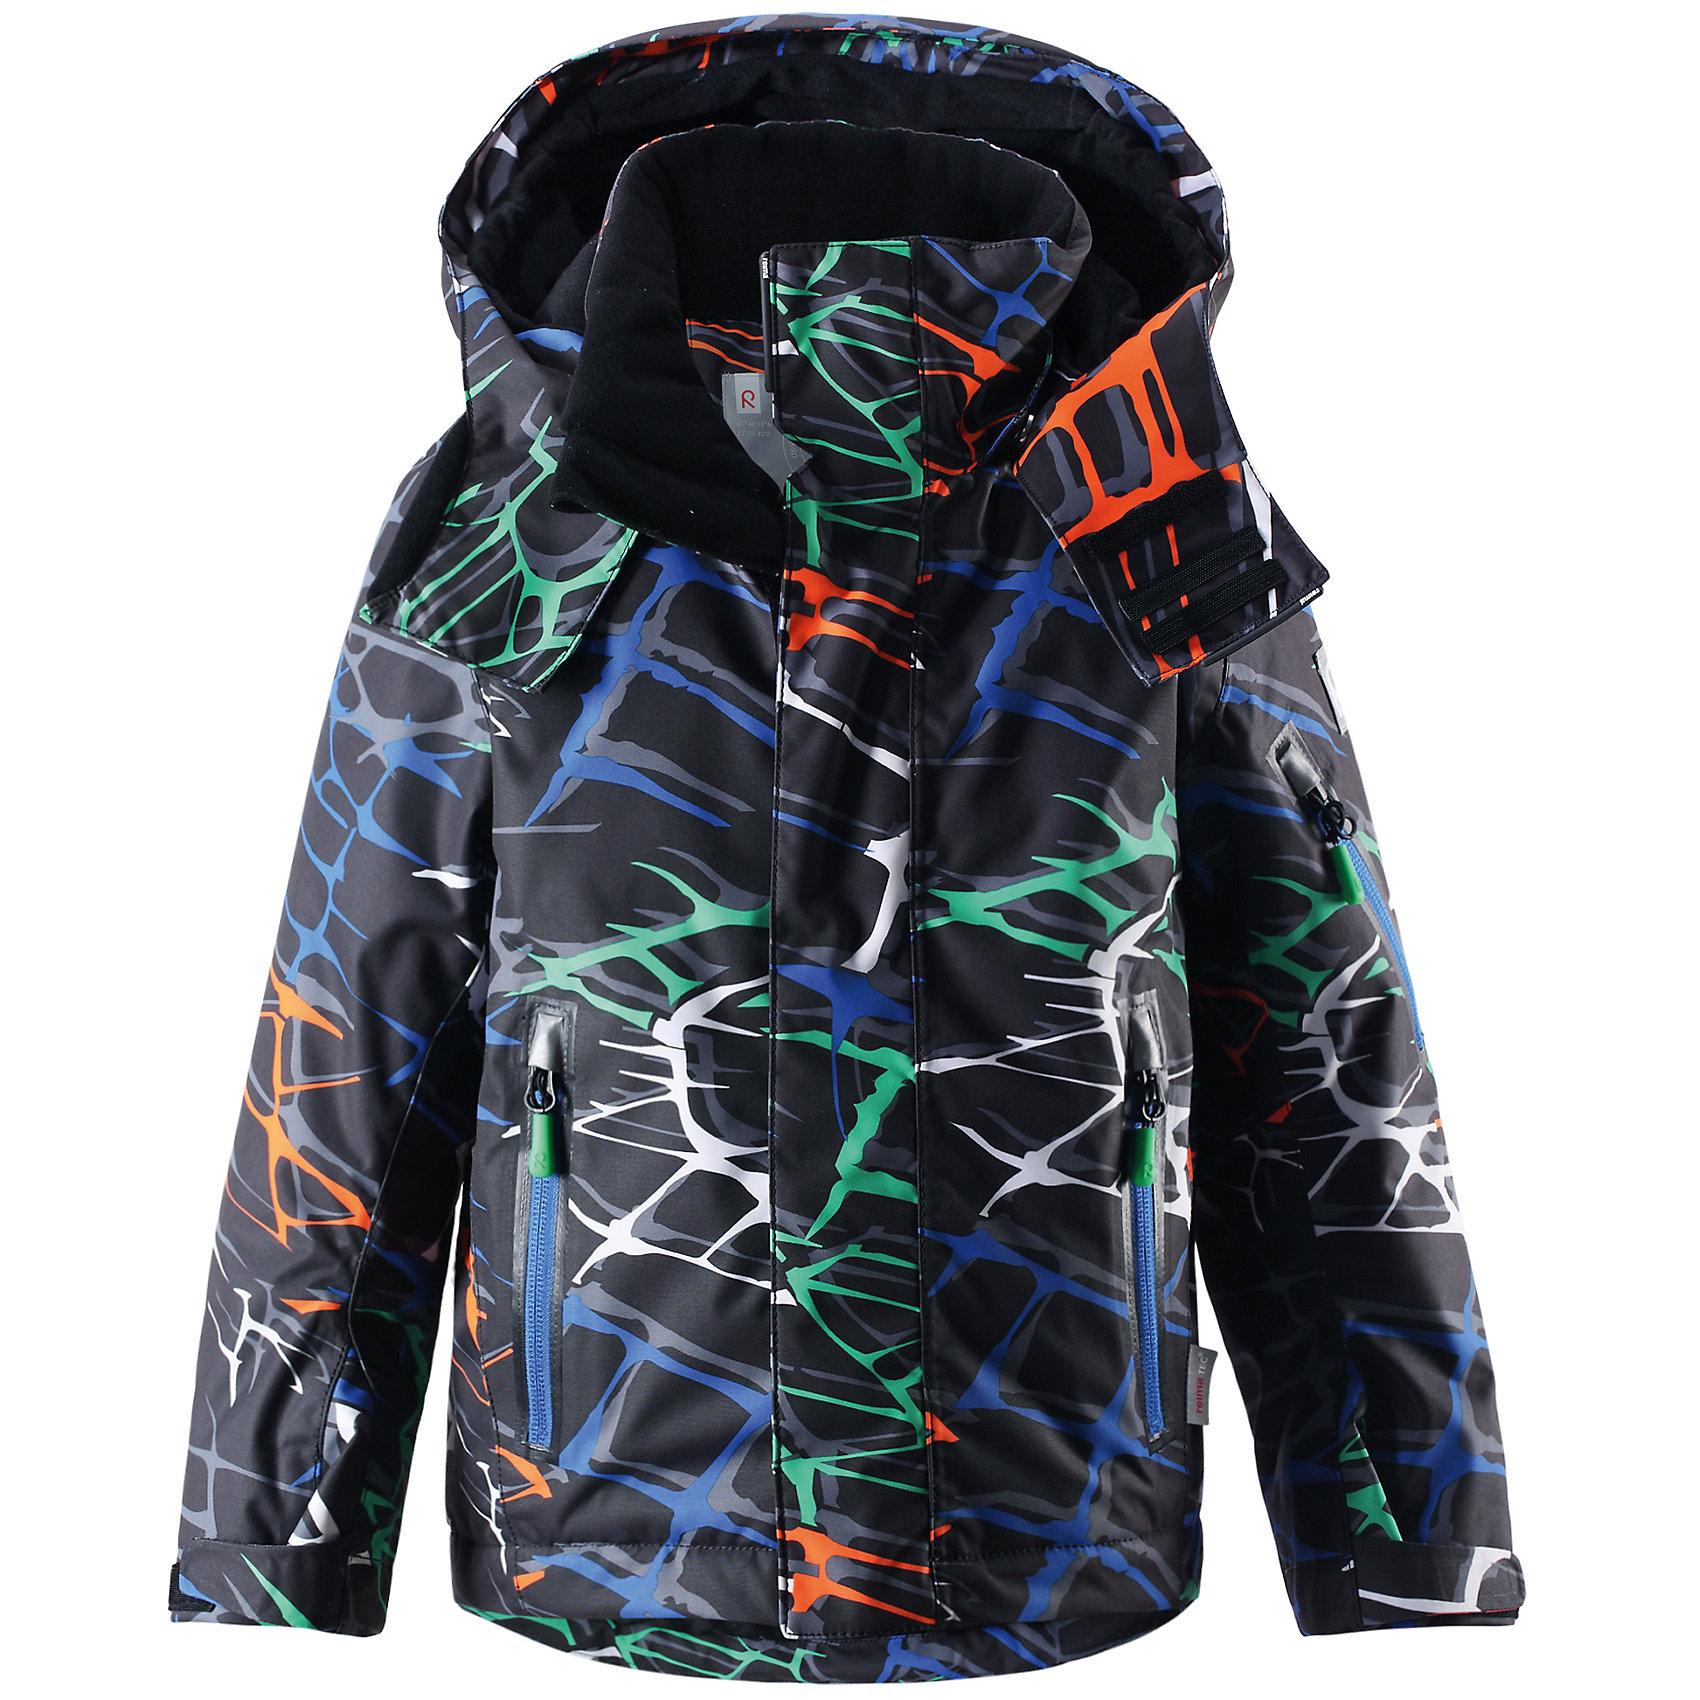 Куртка для мальчика ReimaЭта водонепроницаемая зимняя куртка Reimatec® с красочным звериным принтом и большим количеством функциональных деталей идеально подходит для катания на склонах! Модные водо- и ветронепроницаемые костюмы подходят для любого вида зимнего отдыха, в любую погоду. Проклеенные швы и дышащий материал не позволят ребенку замерзнуть или вспотеть во время катания на склонах. Благодаря гладкой подкладке из полиэстера, куртка легко надевается и позволяет пристегивать теплый промежуточный слой. Регулируемые манжеты и подол куртки обеспечивают отличную посадку. Предотвращает попадание снега. При необходимости, подкладку можно отстегнуть. На рукаве имеется специальный карман для карточки лыжного клуба, а для остальных мелочей предусмотрен карман на груди, а также карманы на молнии. Съемный регулируемый капюшон обеспечивает безопасность во время игр на улице, легко снимается. Кроме того, на капюшоне имеется клапан для защиты от ветра и козырек. А завершают стильную зимнюю куртку двусторонние молнии на карманах, улучшенная структура которых не позволяет молниям застревать! Куртка проста в уходе, можно сушить в центрифуге.<br><br>Дополнительная информация:<br><br>Температурный режим: до -20<br>Средняя степень утепления: 140г<br>Водонепроницаемая зимняя куртка для детей постарше, модель для мальчиков<br>Все швы проклеены, водонепроницаемы<br>Безопасный съемный регулируемый капюшон<br>Карманы на молнии, на рукаве карман для карты лыжного клуба<br>Регулируемые манжеты и внутренние манжеты из лайкры<br>Новая усовершенствованная структура молнии - молния больше не заклинит!<br>Блокировка от снега на талии<br>Регулируемый подол<br><br>Куртку от популярного финского бренда Reima (Рейма) можно купить в нашем магазине.<br><br>Ширина мм: 356<br>Глубина мм: 10<br>Высота мм: 245<br>Вес г: 519<br>Цвет: черный<br>Возраст от месяцев: 18<br>Возраст до месяцев: 24<br>Пол: Мужской<br>Возраст: Детский<br>Размер: 110,122,128,92,98,116,104<br>SKU: 4417331